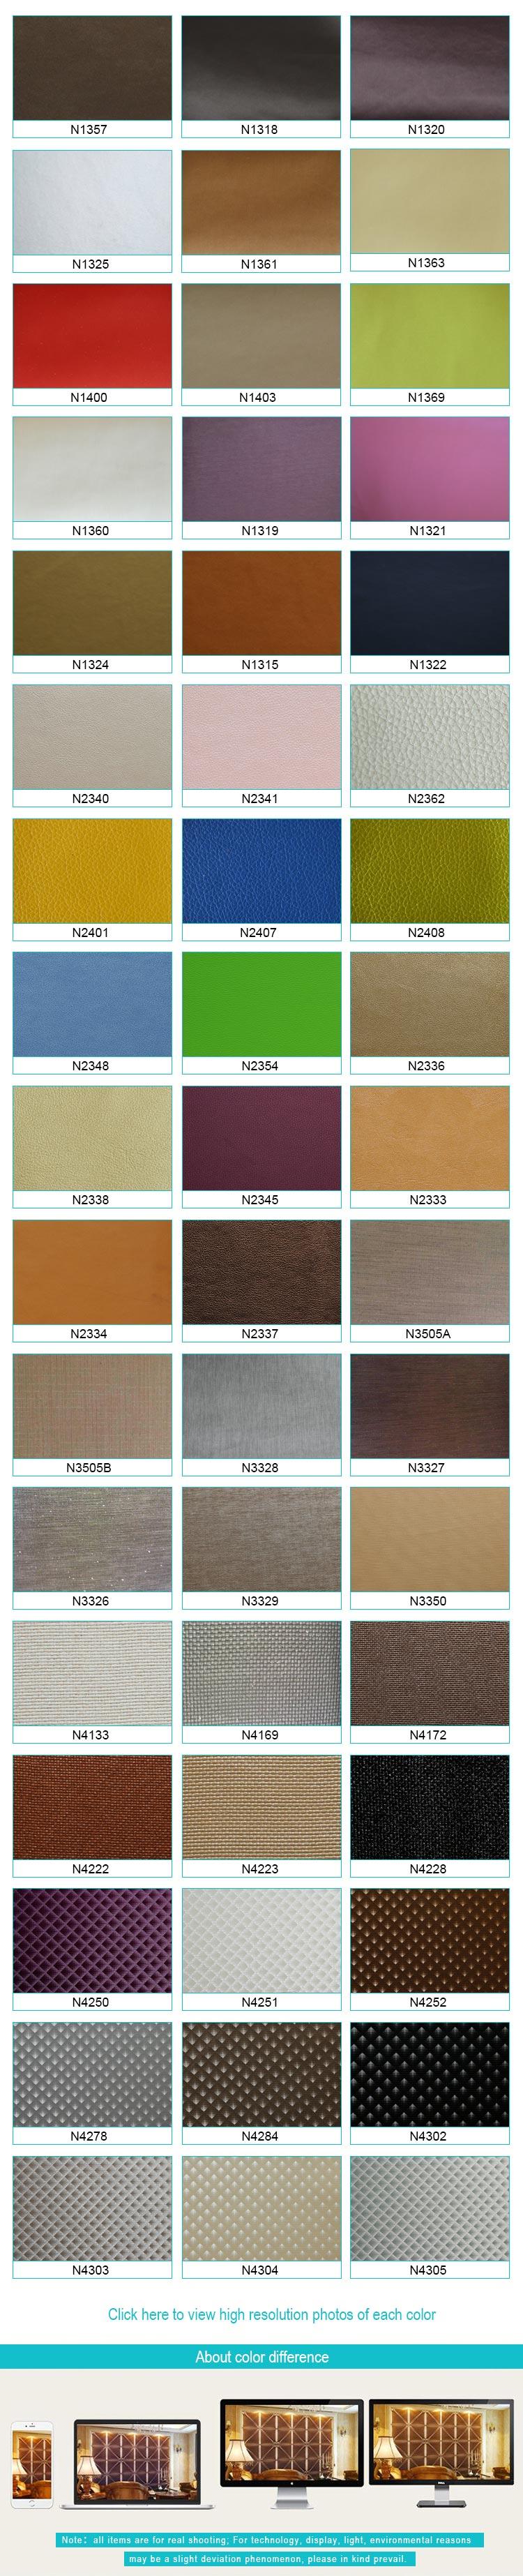 faux leather color option